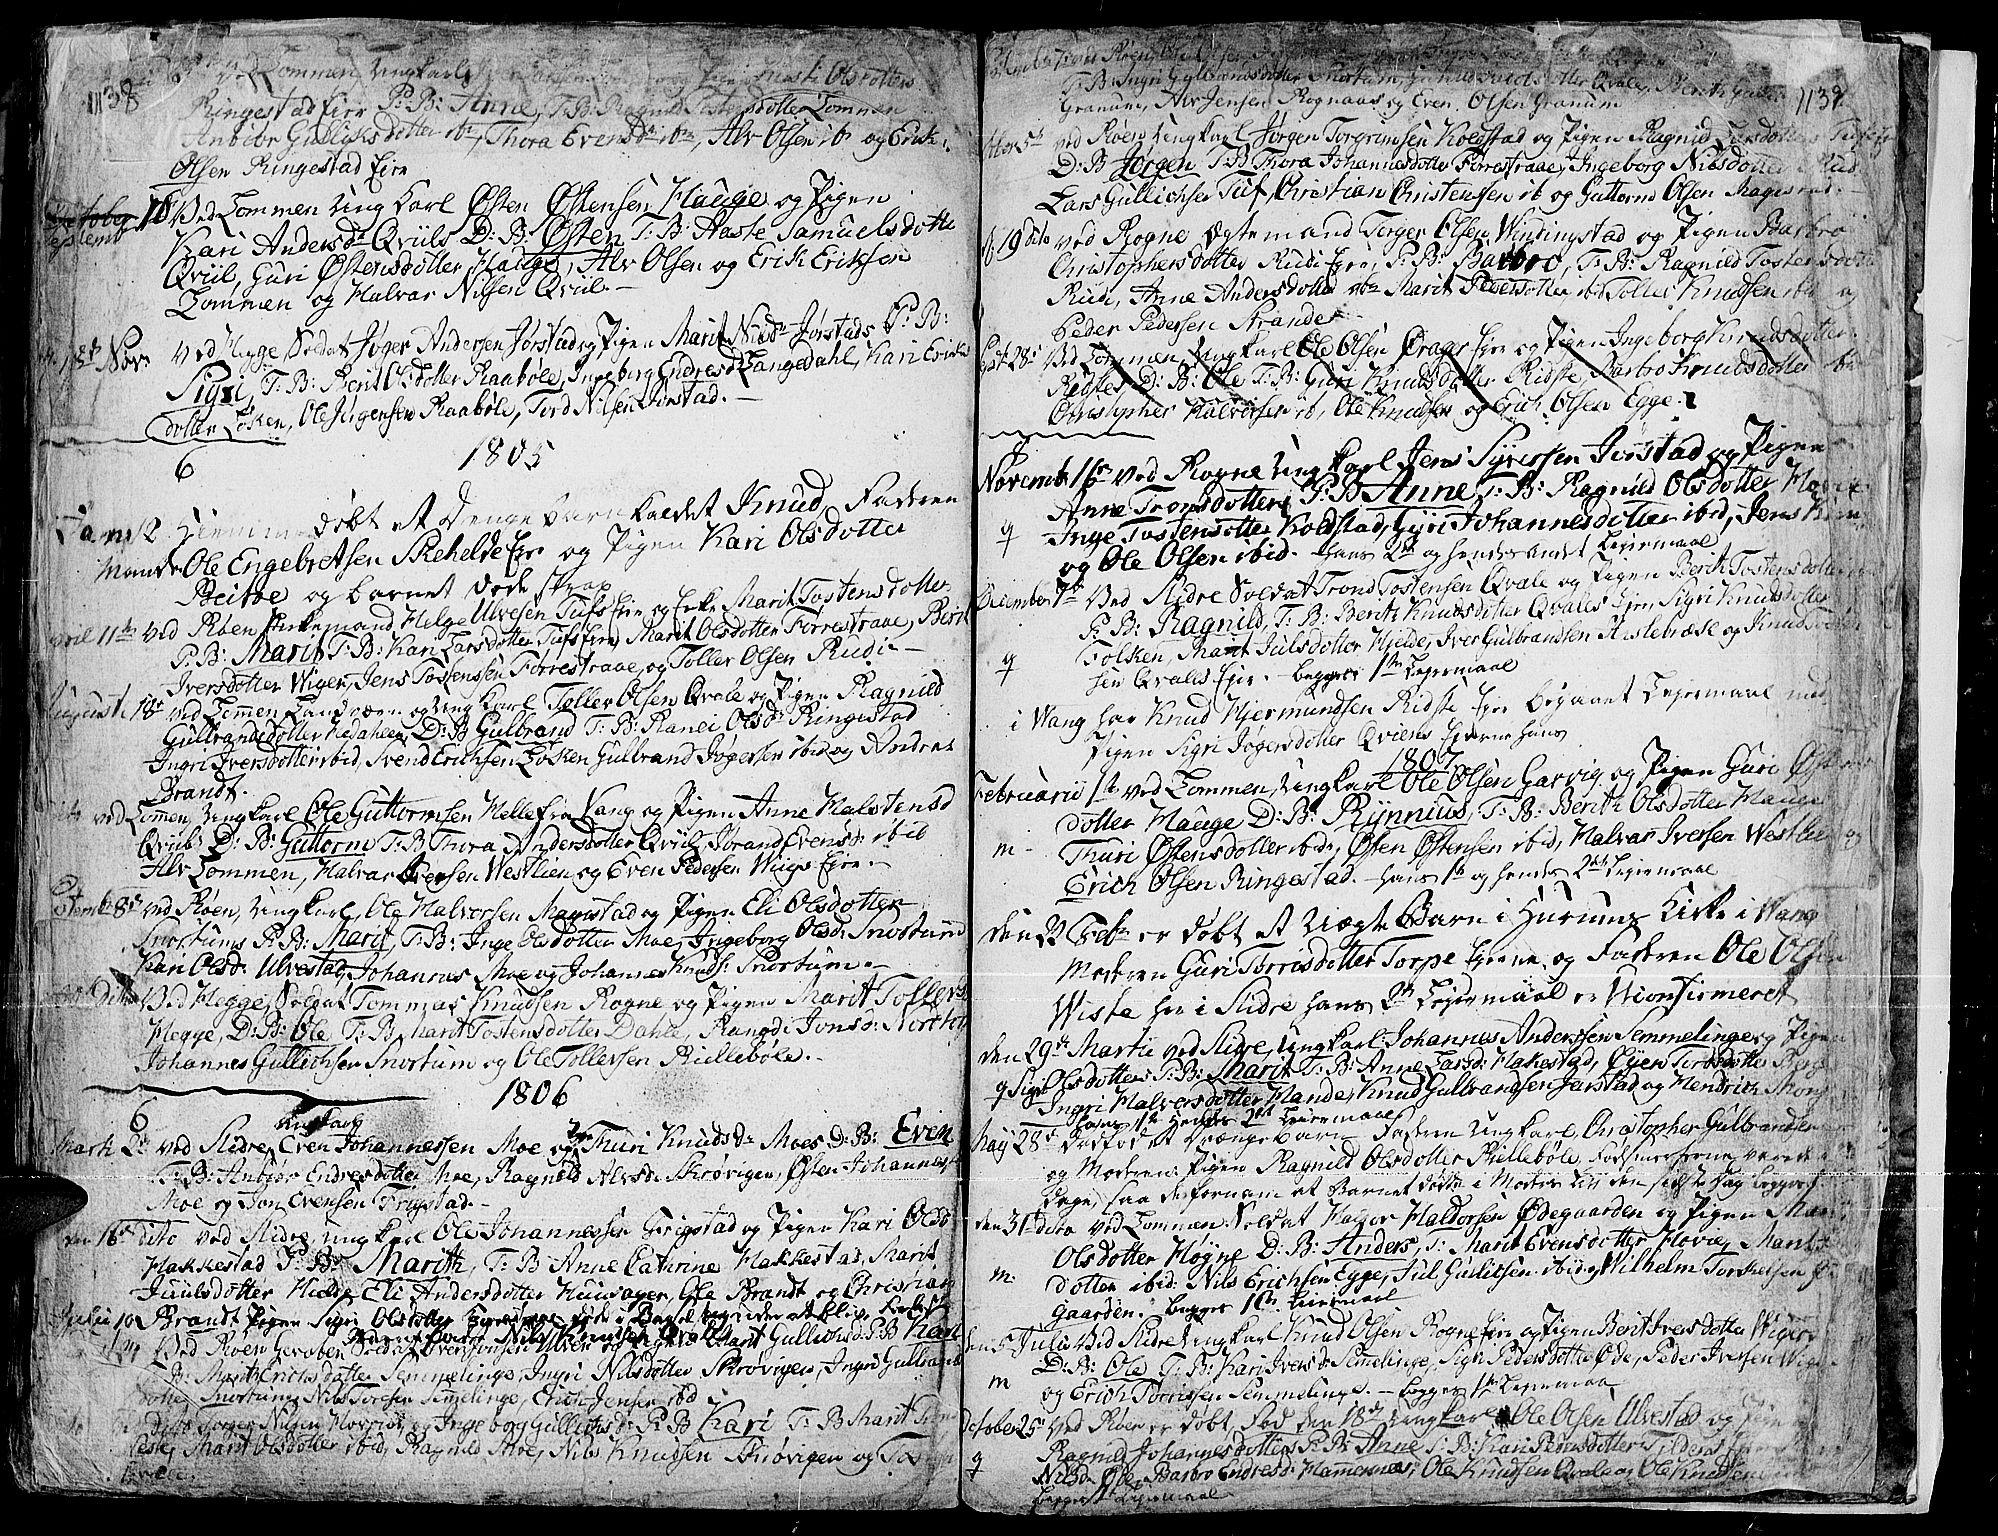 SAH, Slidre prestekontor, Ministerialbok nr. 1, 1724-1814, s. 1138-1139